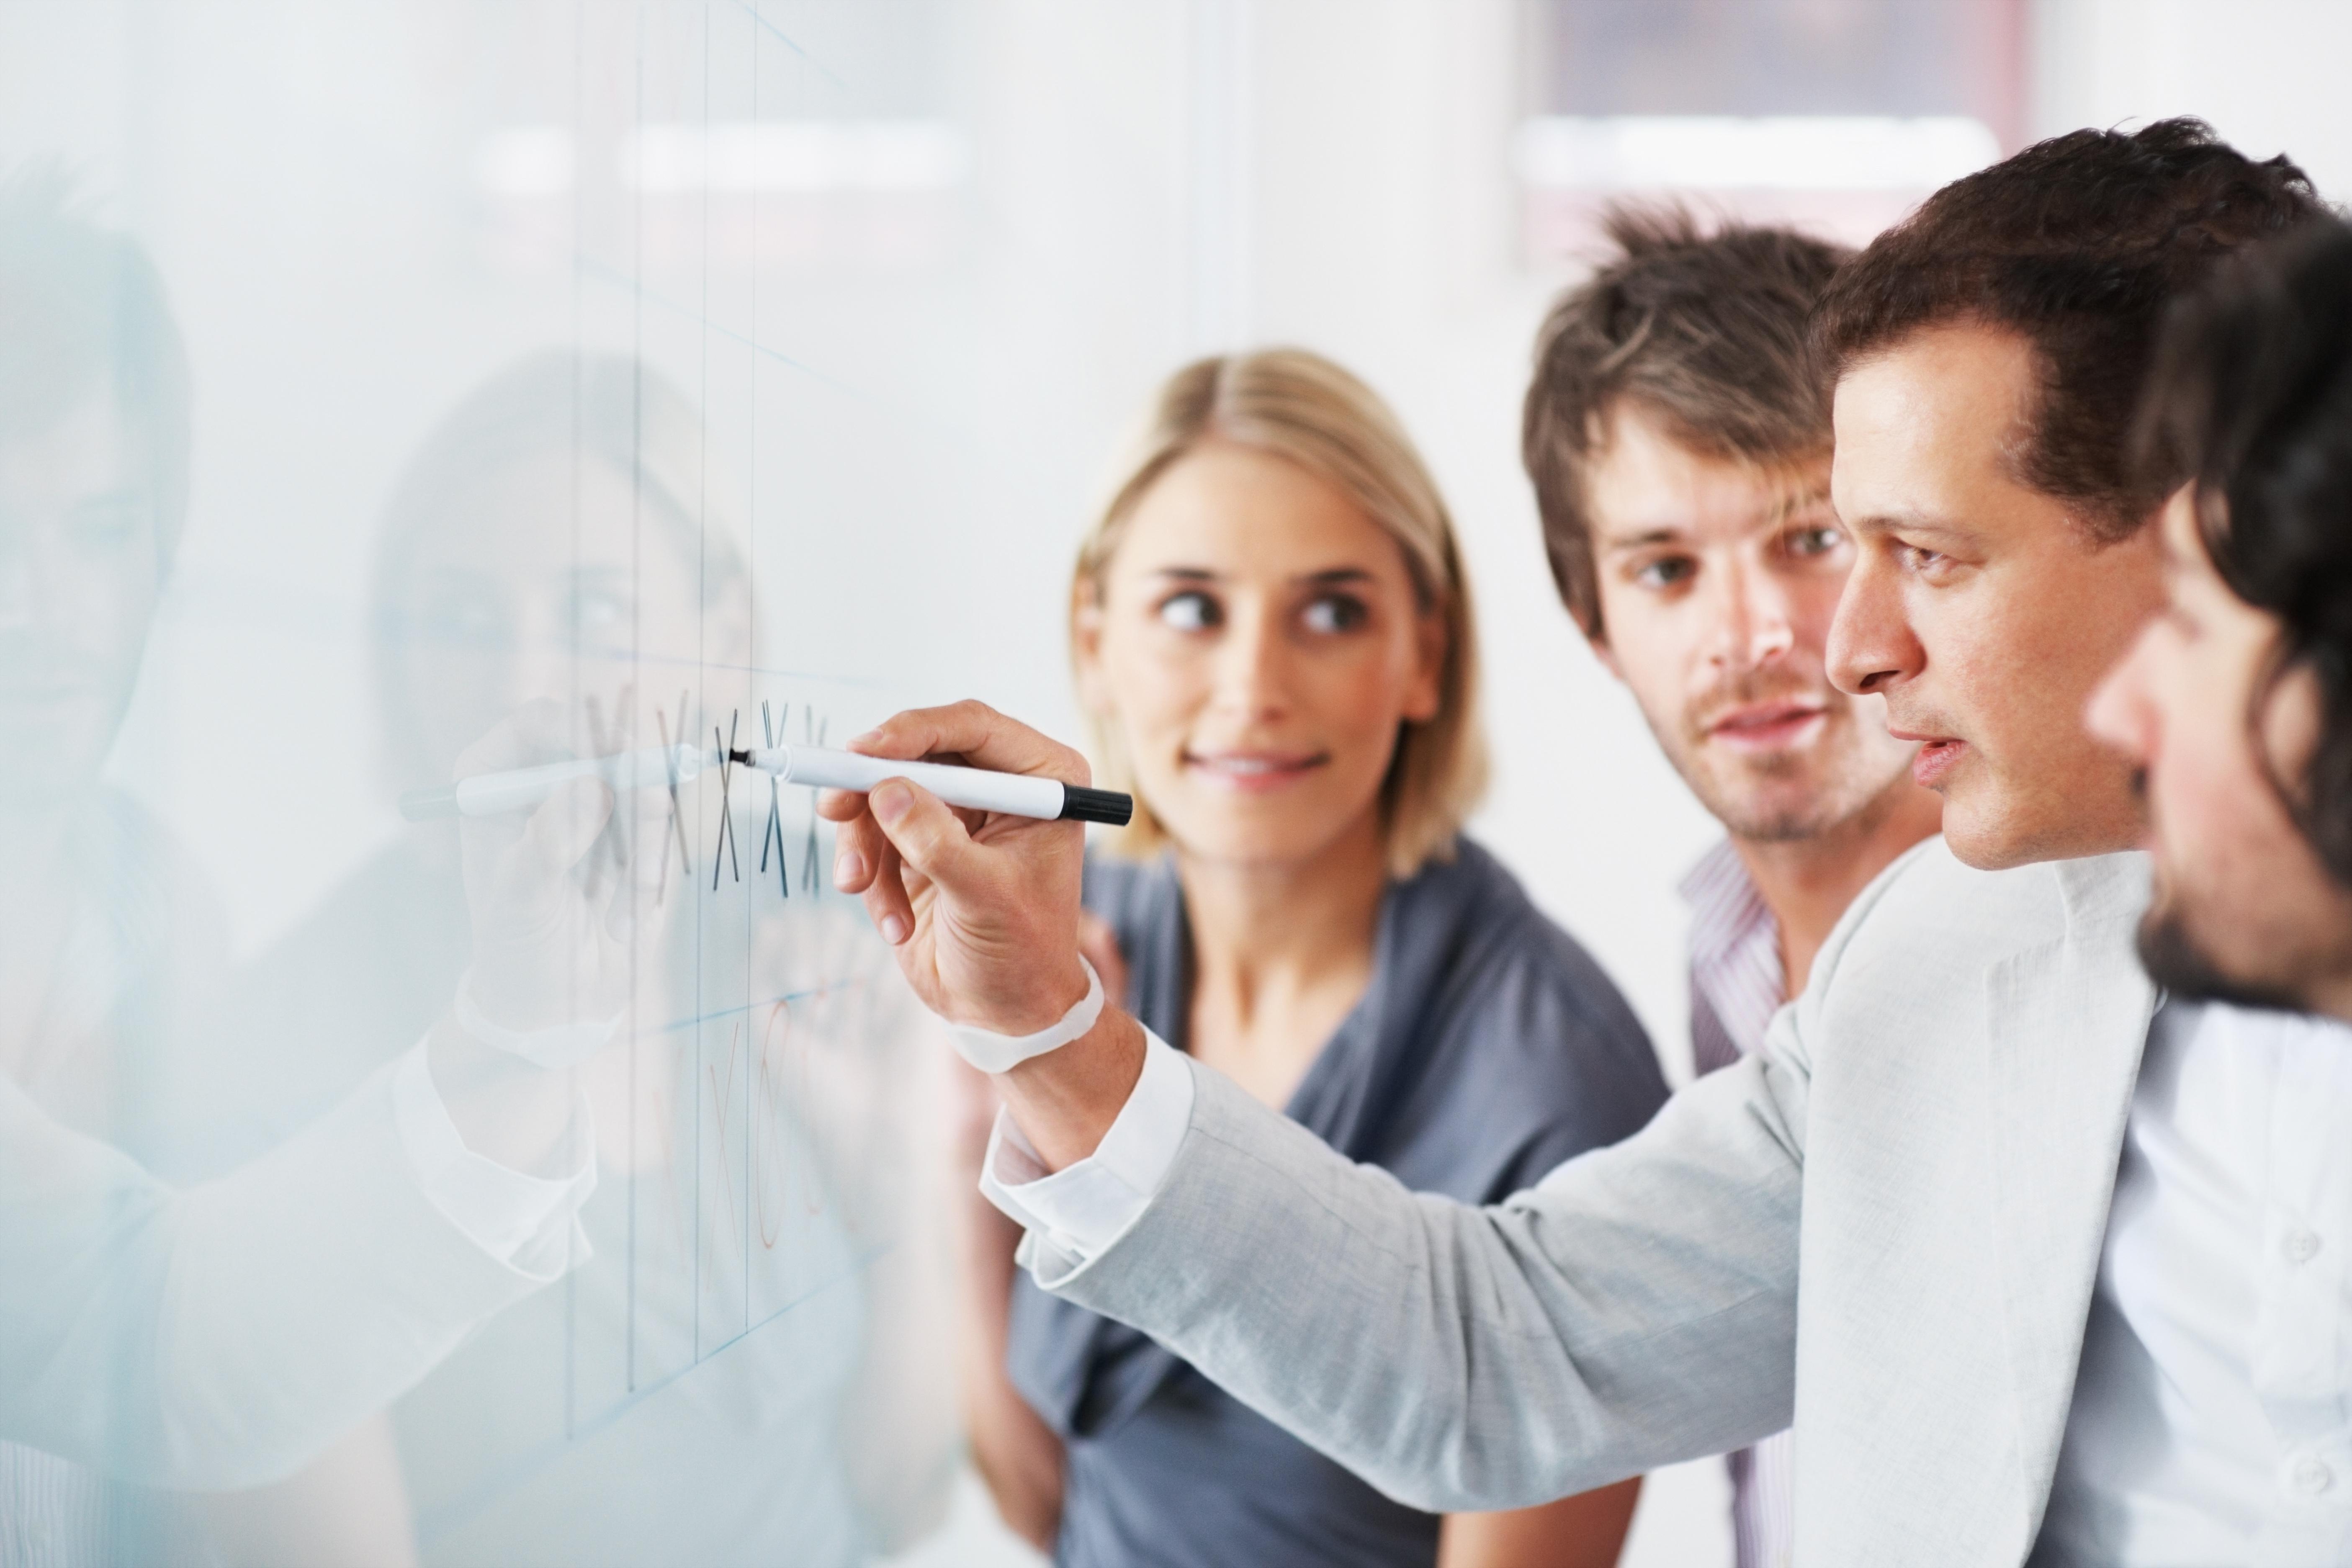 Wertschöpfung - betriebswirtschaftliches Seminar für kaufmännische Fachkräfte